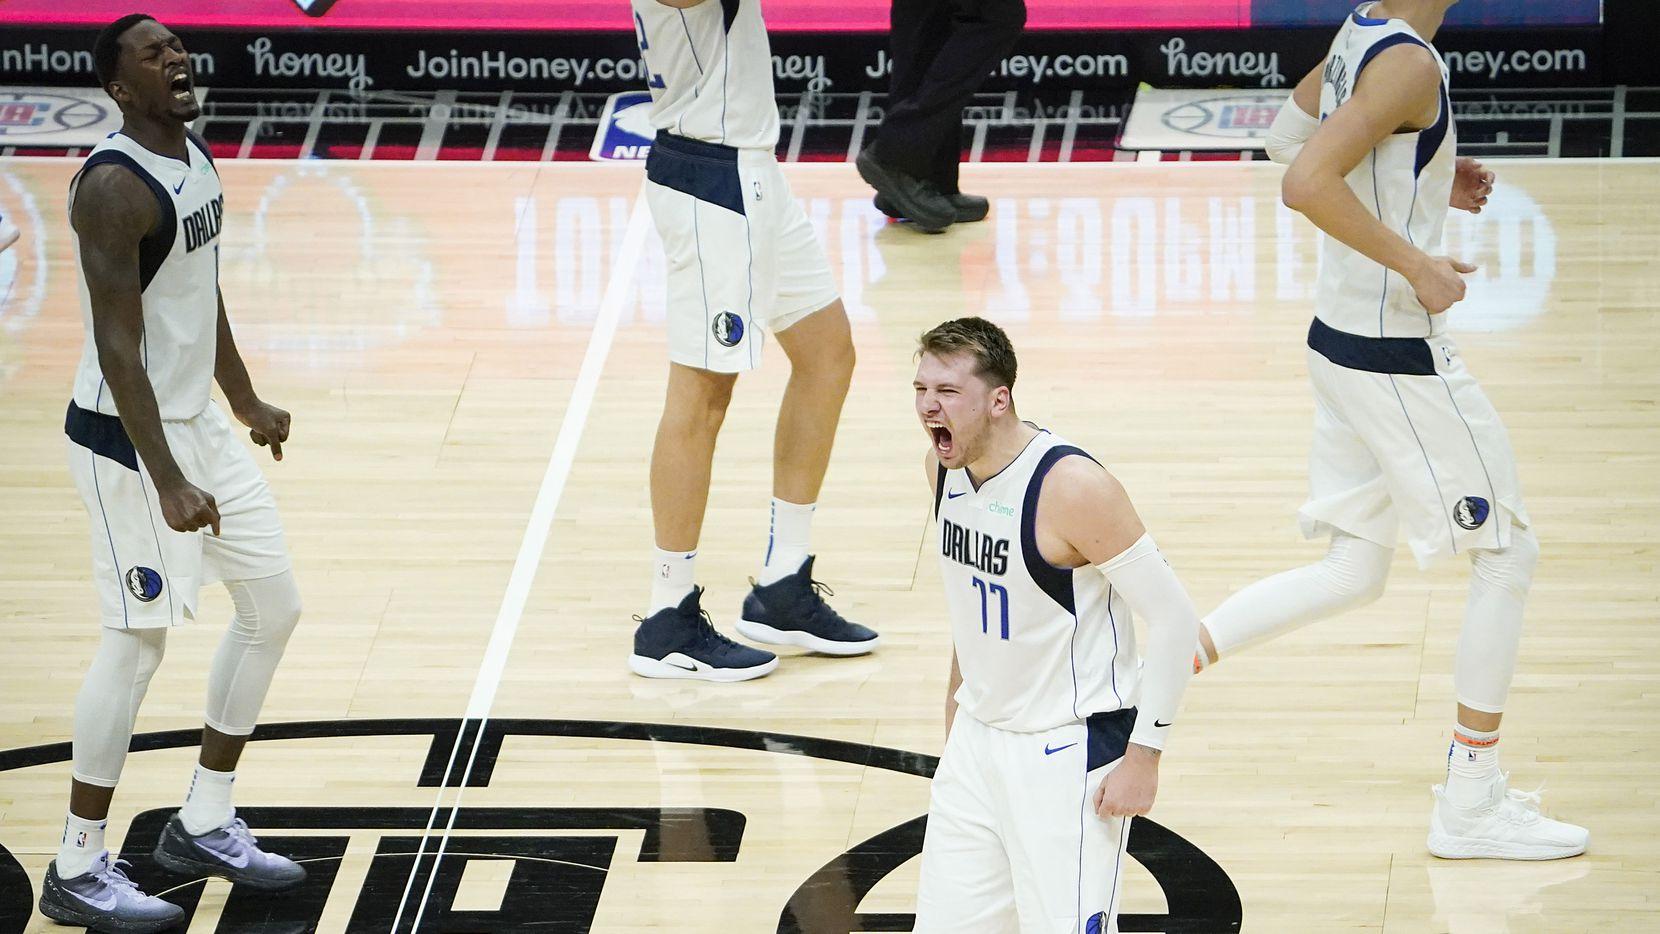 Luka Doncic Dallas Mavericks Mavs LA Clippers Game 3 Playoff NBA